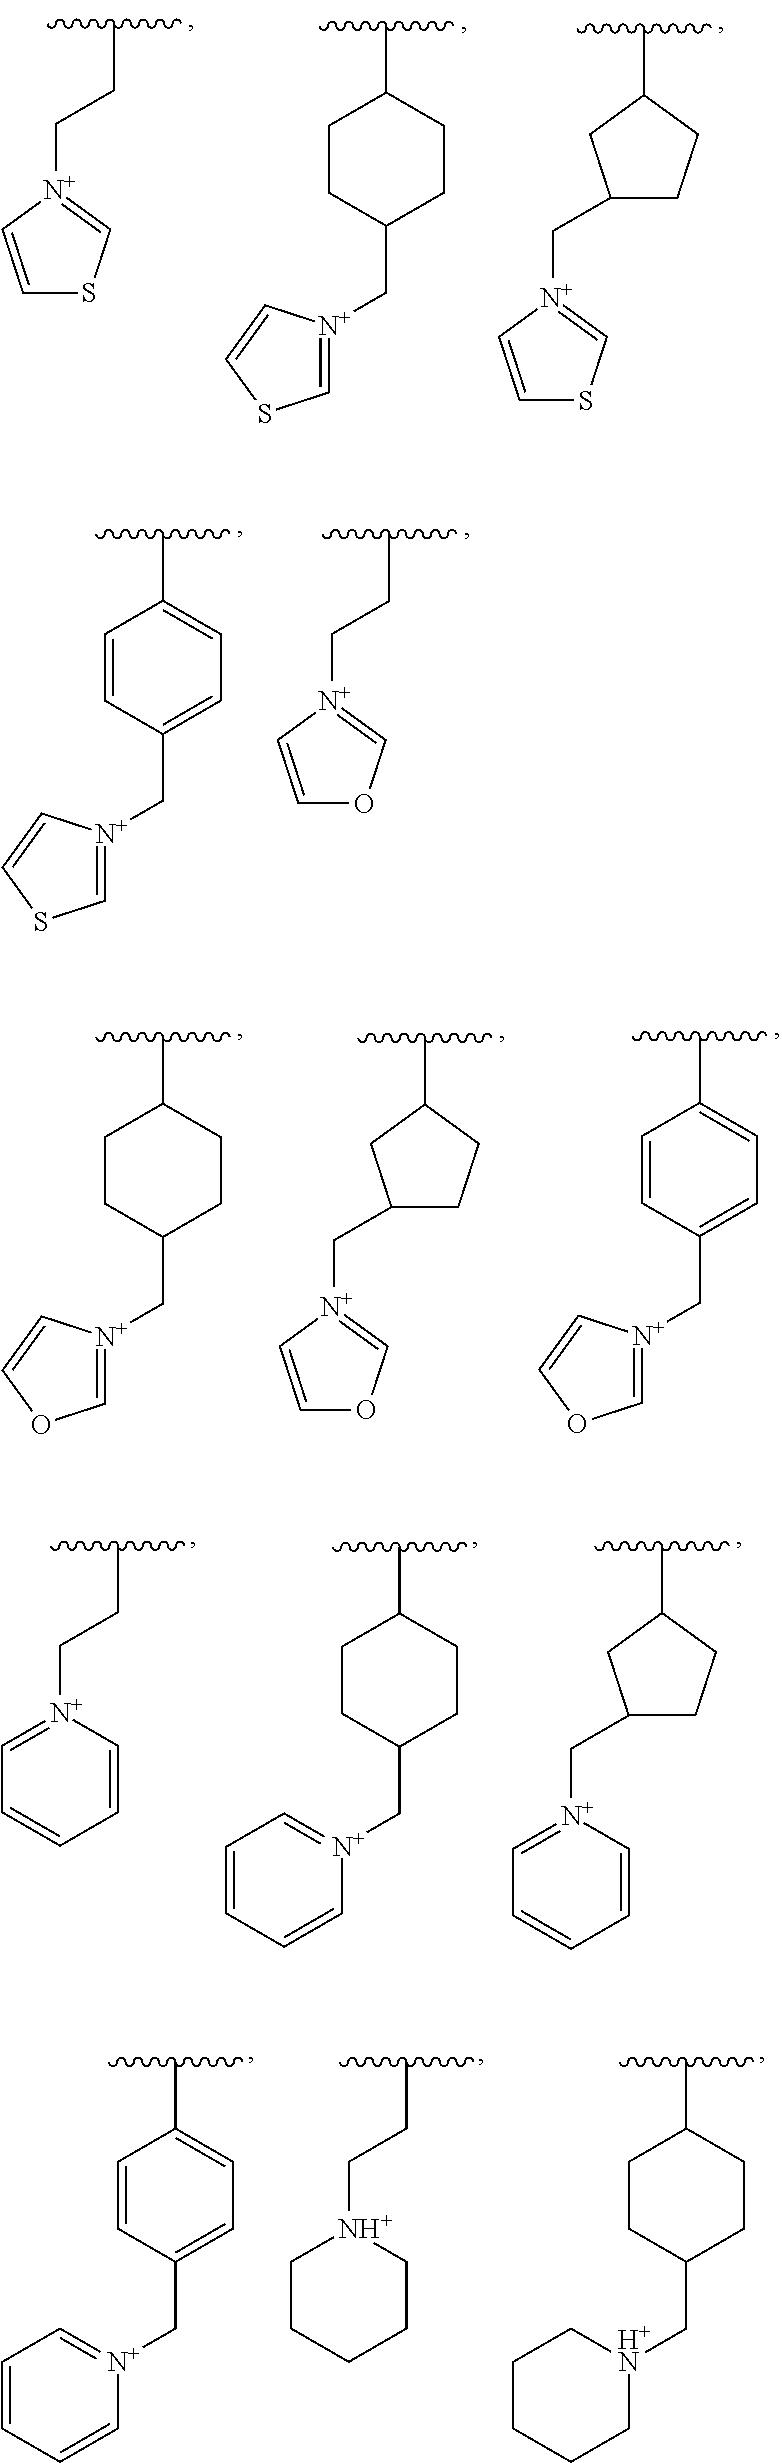 Figure US08476388-20130702-C00021